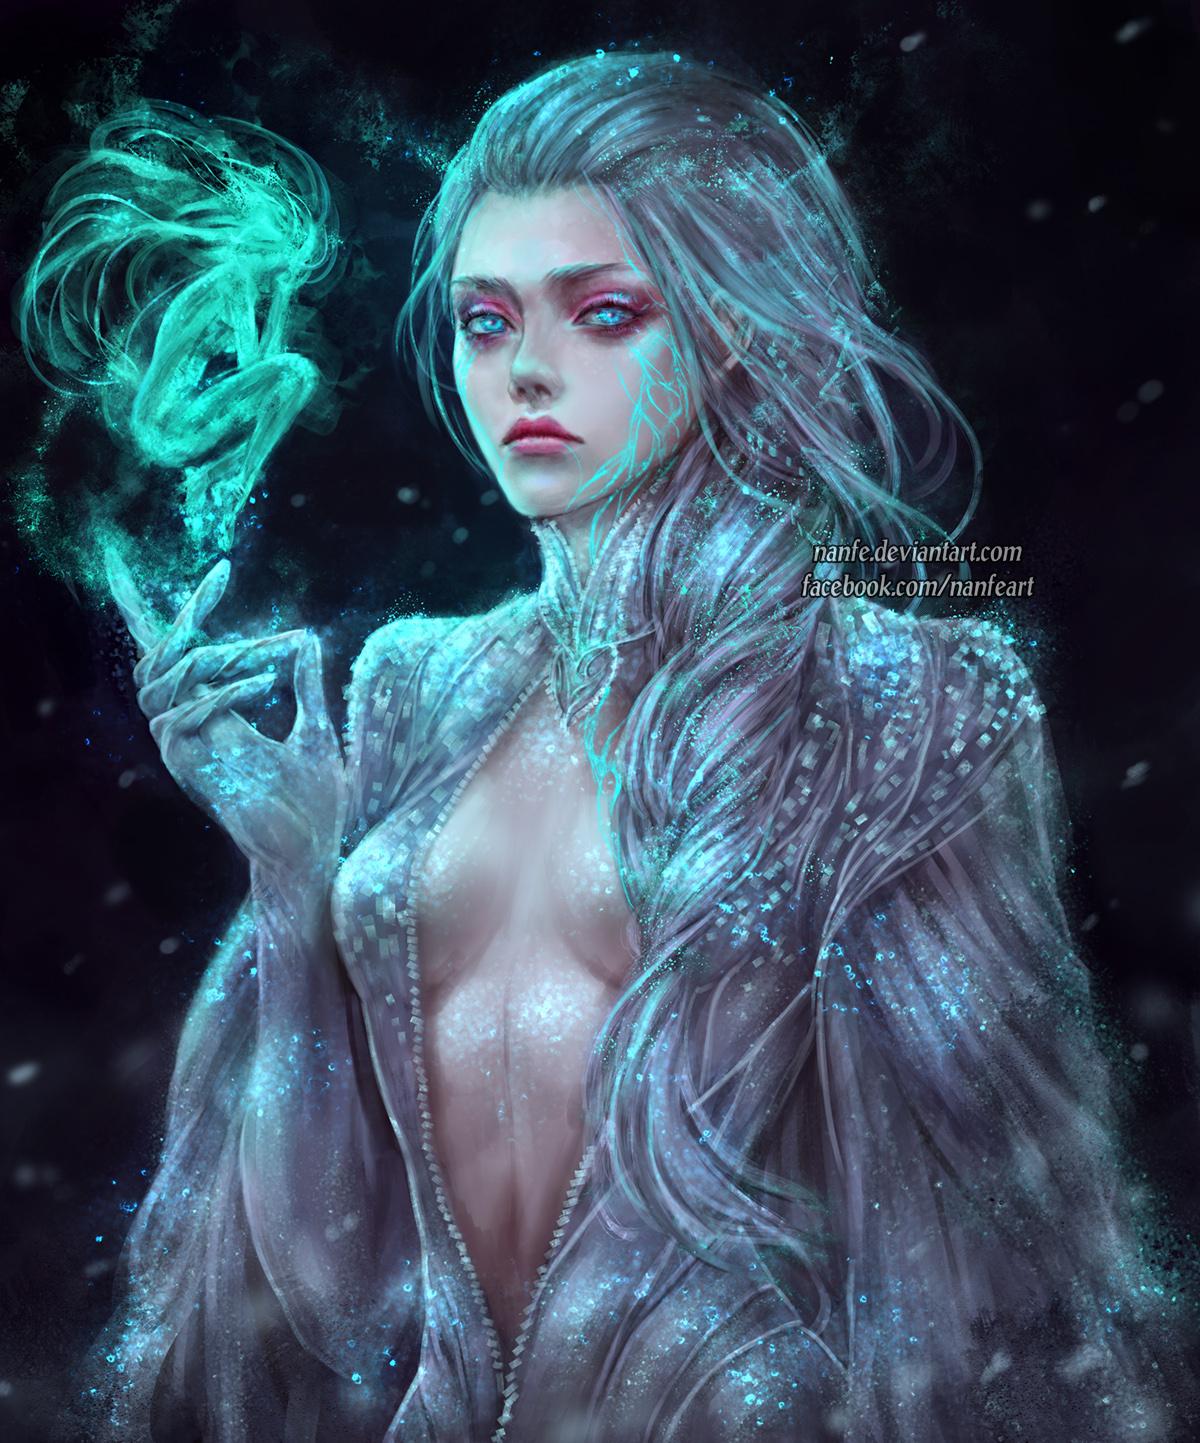 frozen_queen_by_nanfe-d9xfos8.jpg